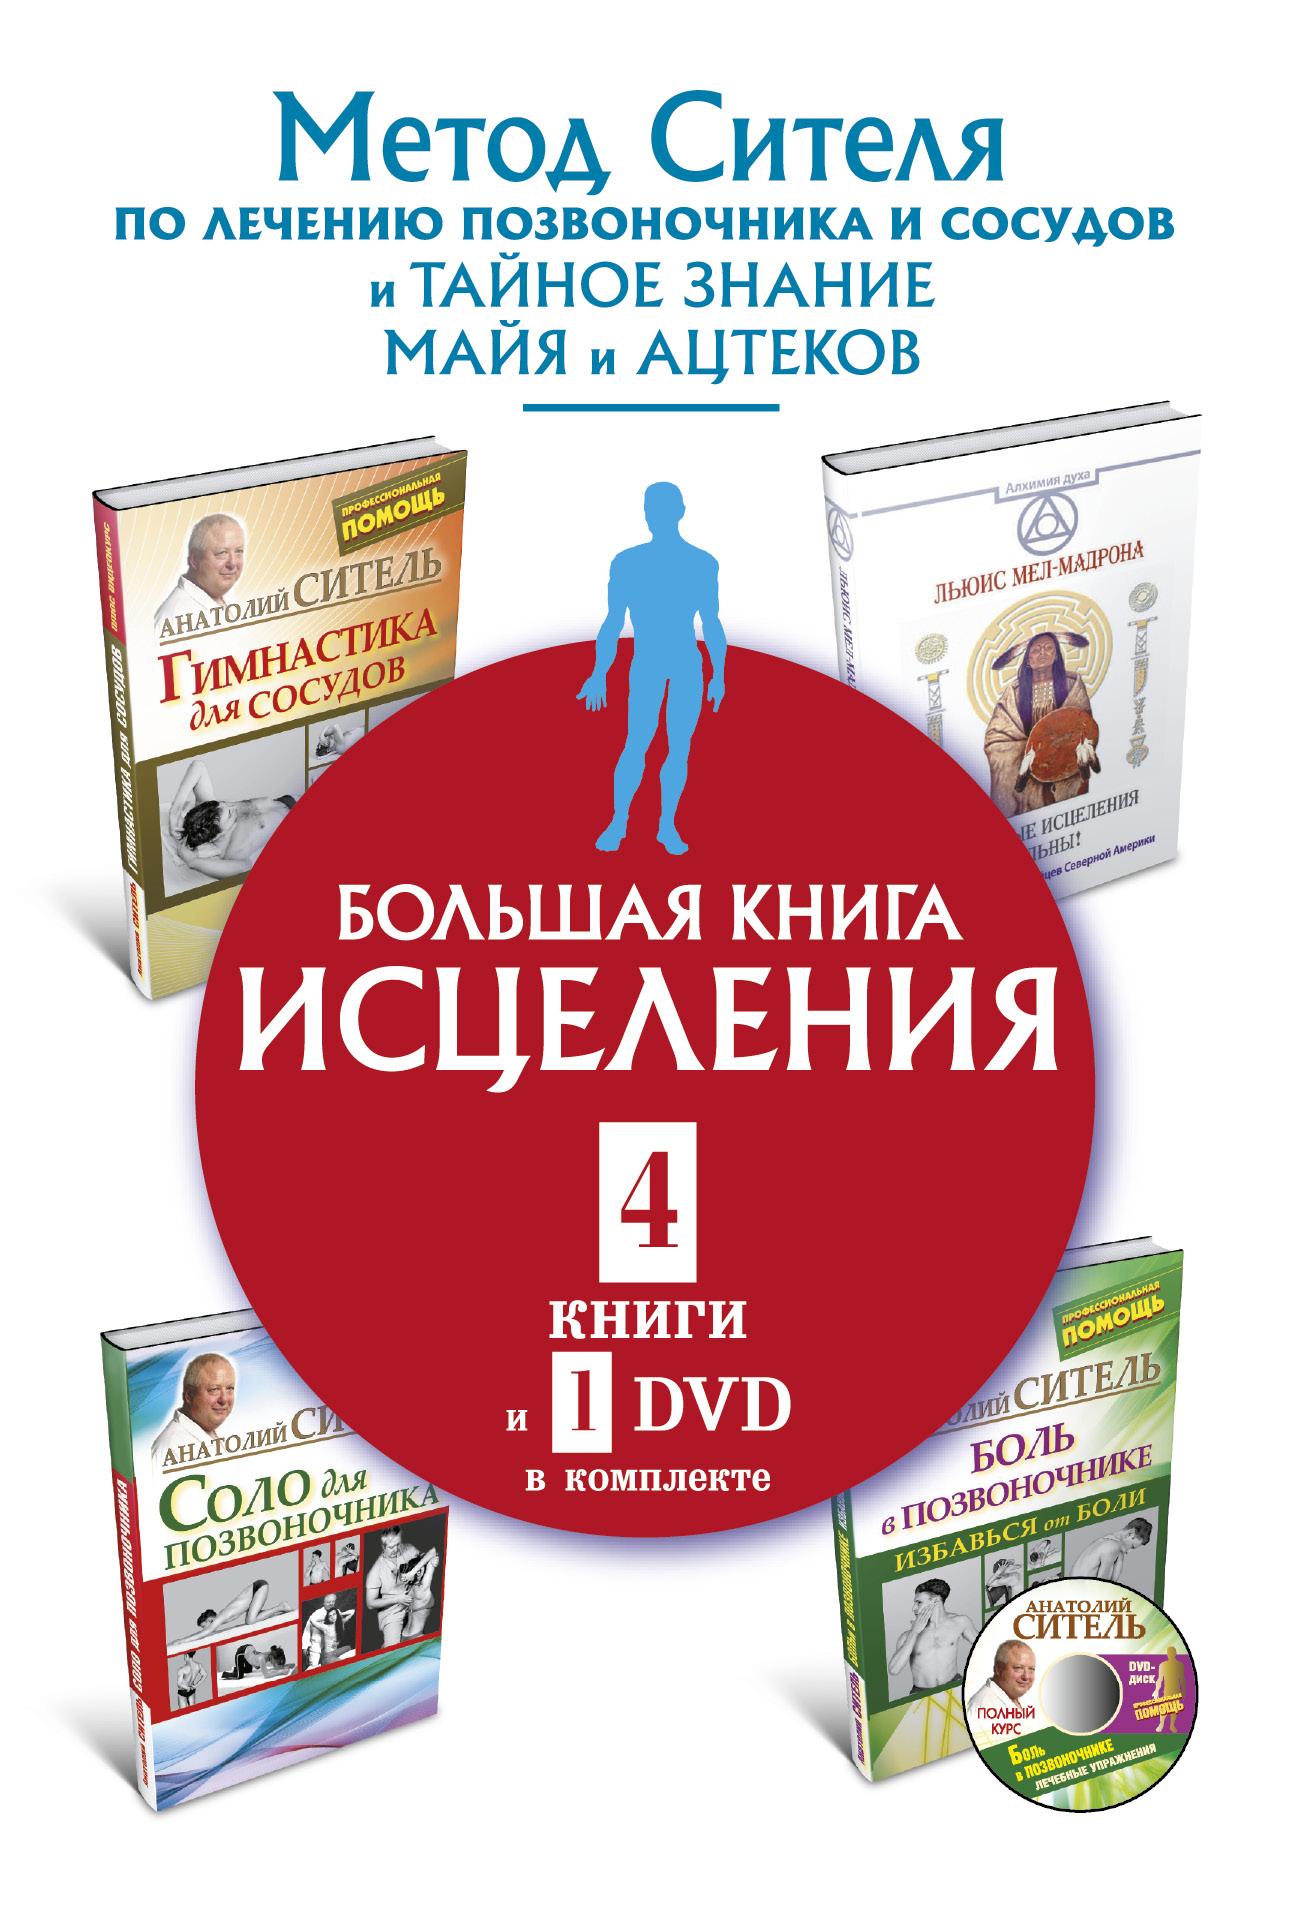 Большая книга исцеления. 4 книги и 1 DVD комплекте